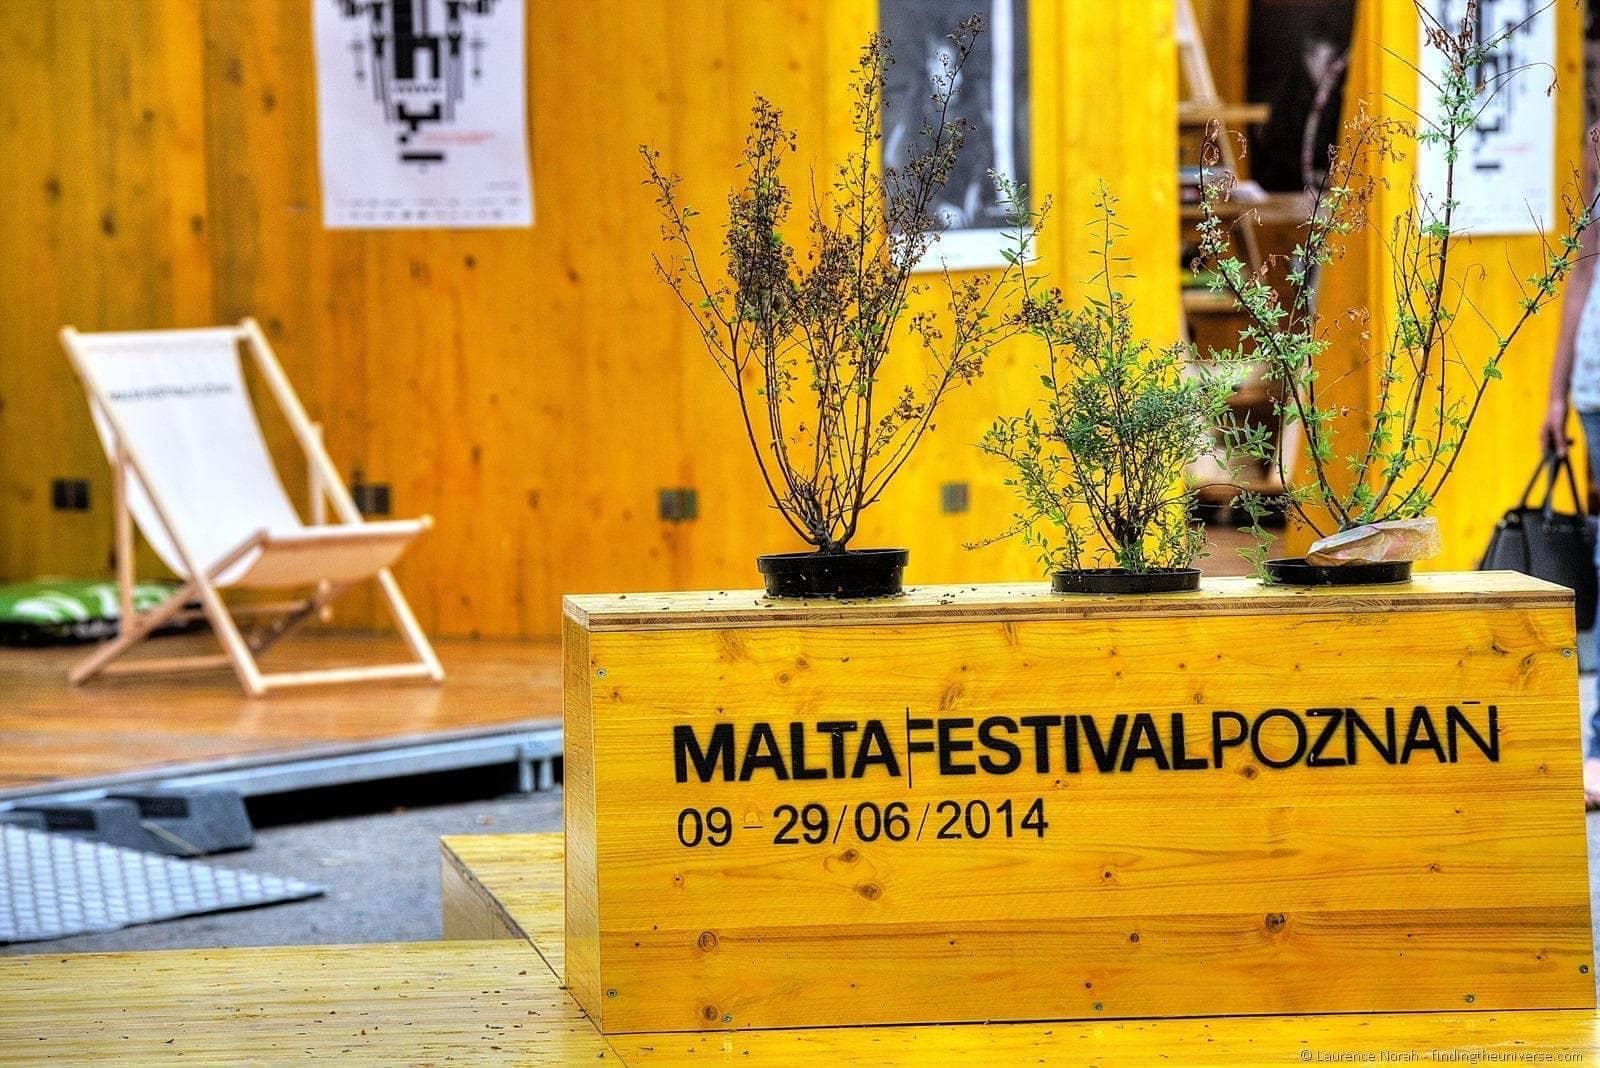 summer festivals in poznan -malta festival poznan sign